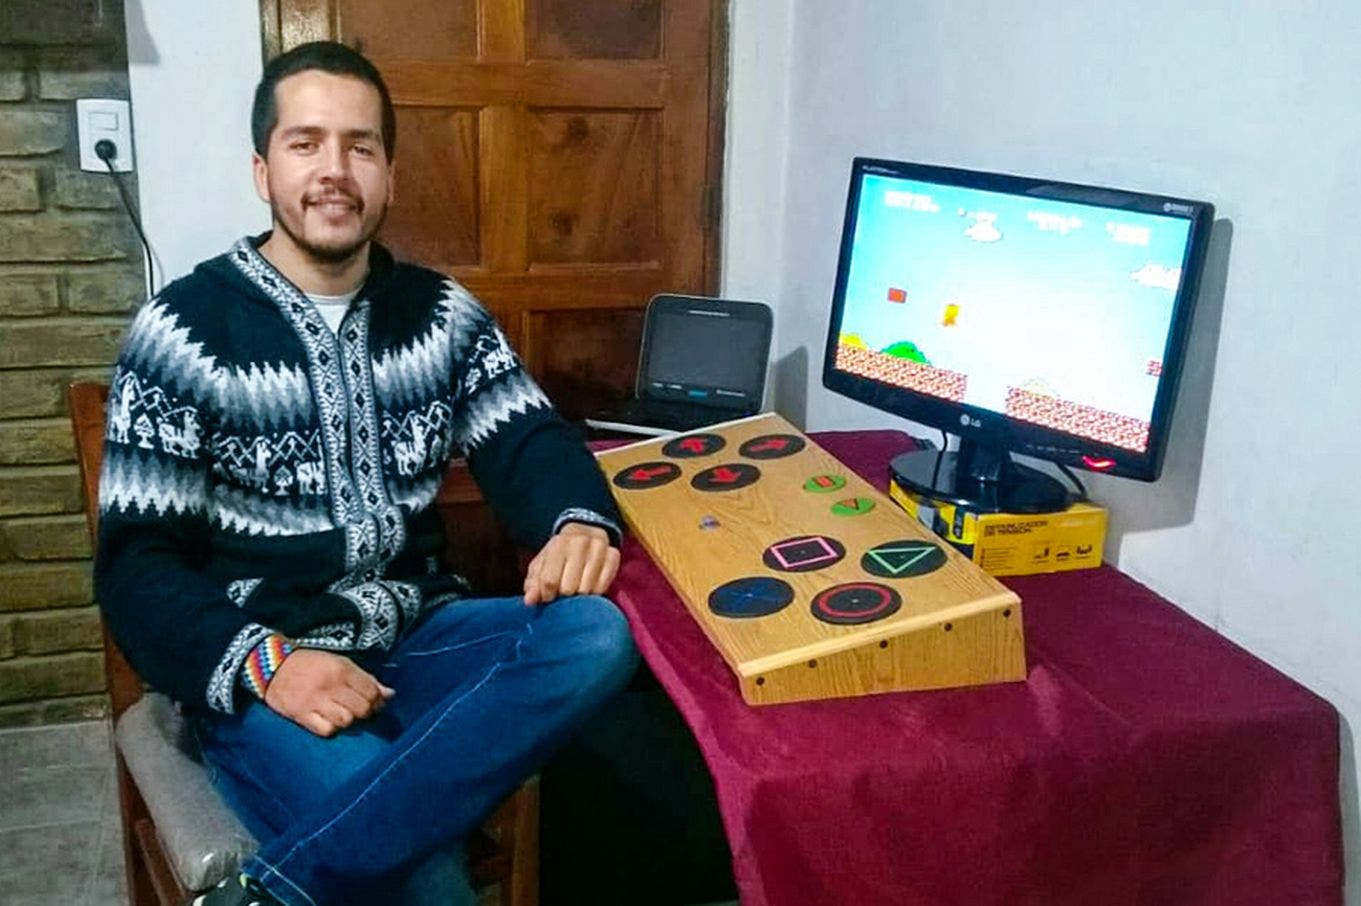 Creó un gamepad inclusivo hecho con material reciclado, que se puede controlar con cualquier parte del cuerpo